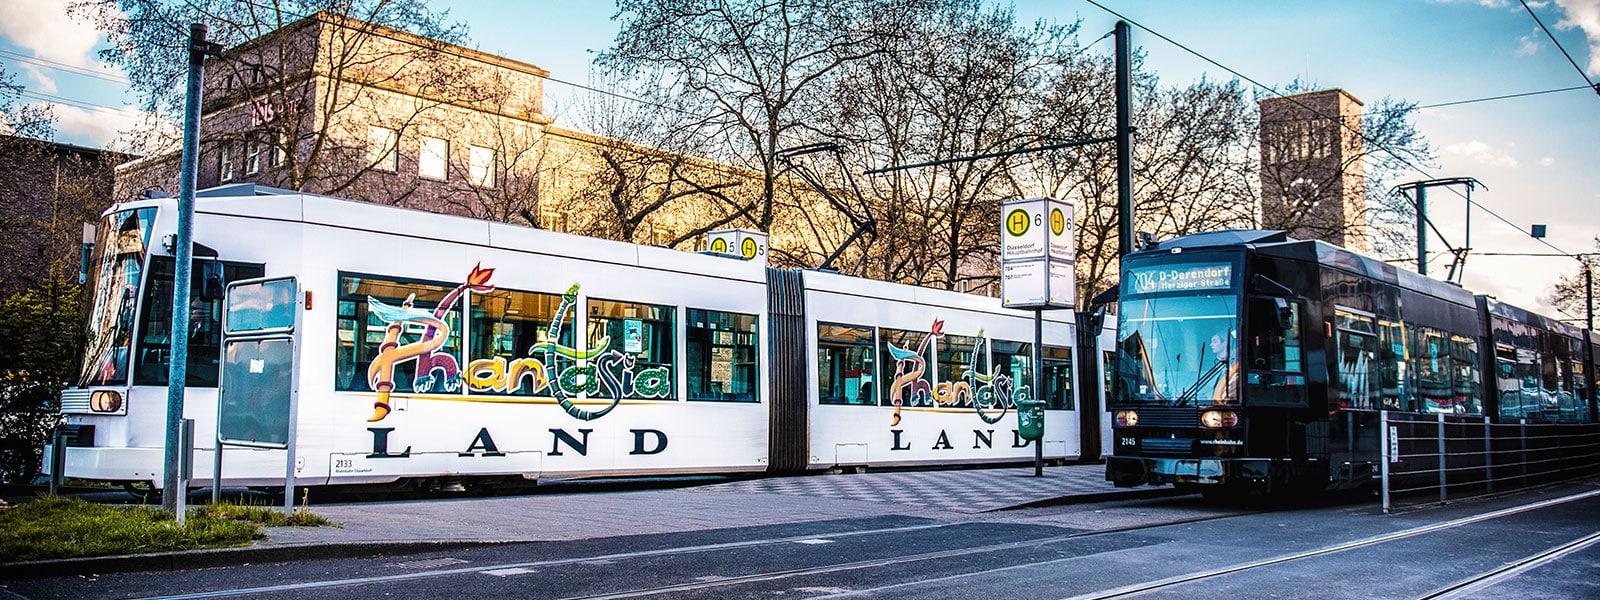 Remscheid-Verkehrsmittelwerbung-Bahn-Werbung